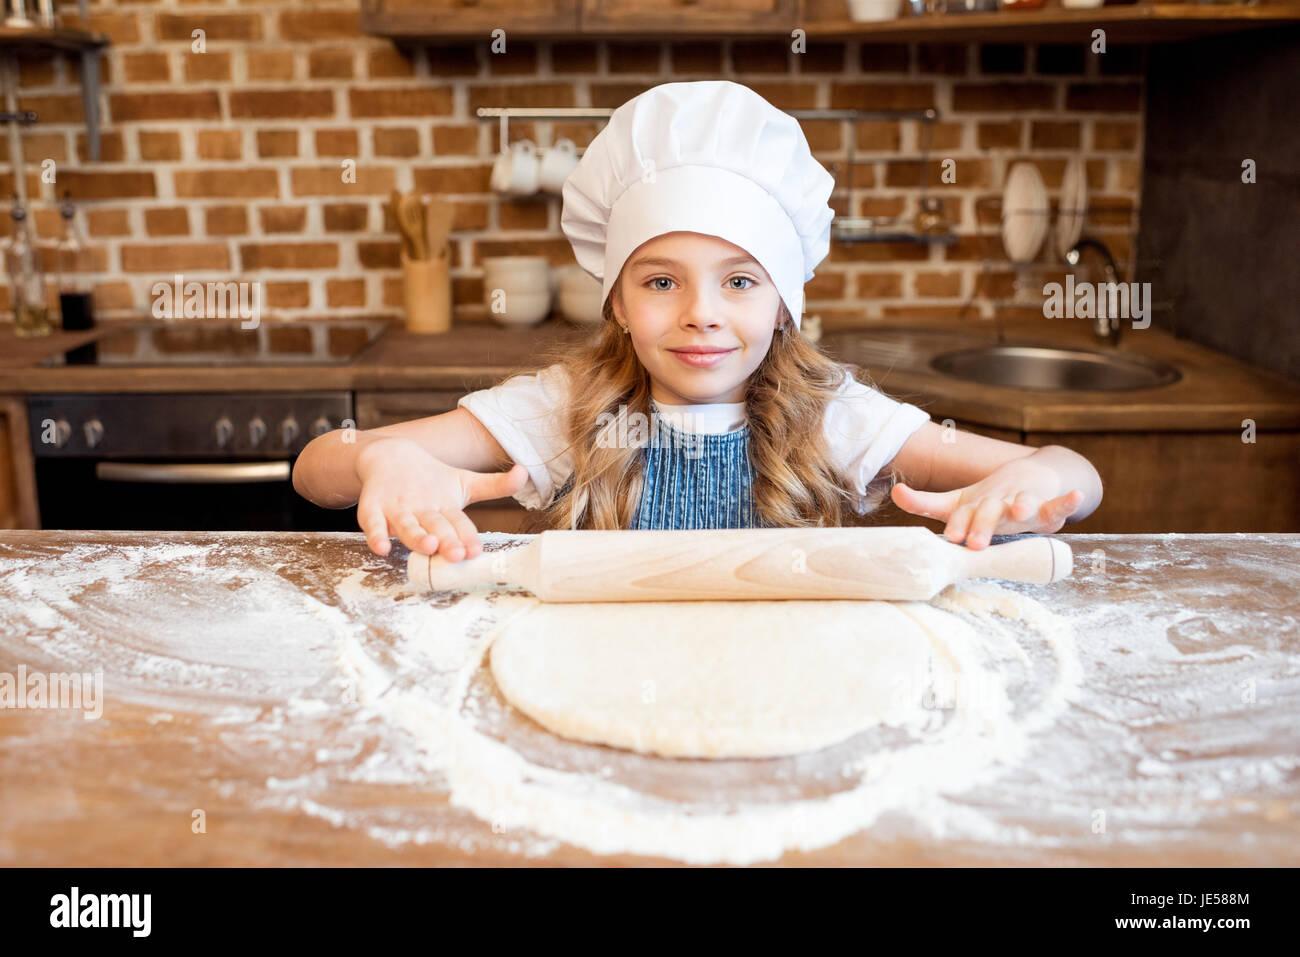 Girl en chef hat le déploiement de pâte à pizza crue Photo Stock